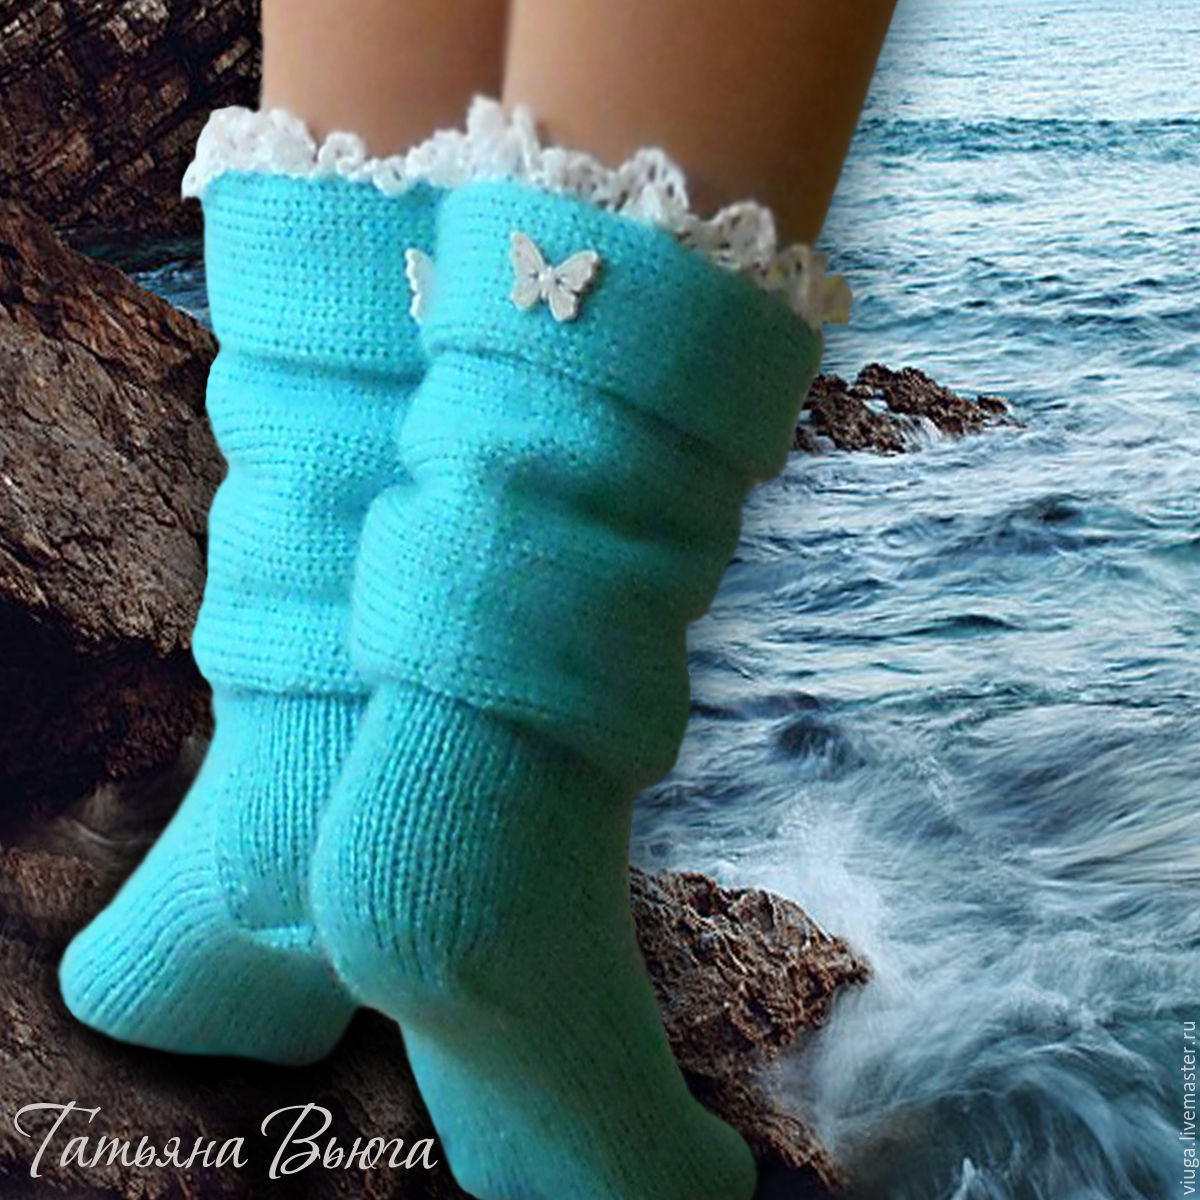 c17cdcb1a2c26 Вязаные носки Поцелуй русалки. Купить вязаные носки отличная идея для  создания душевного комфорта.